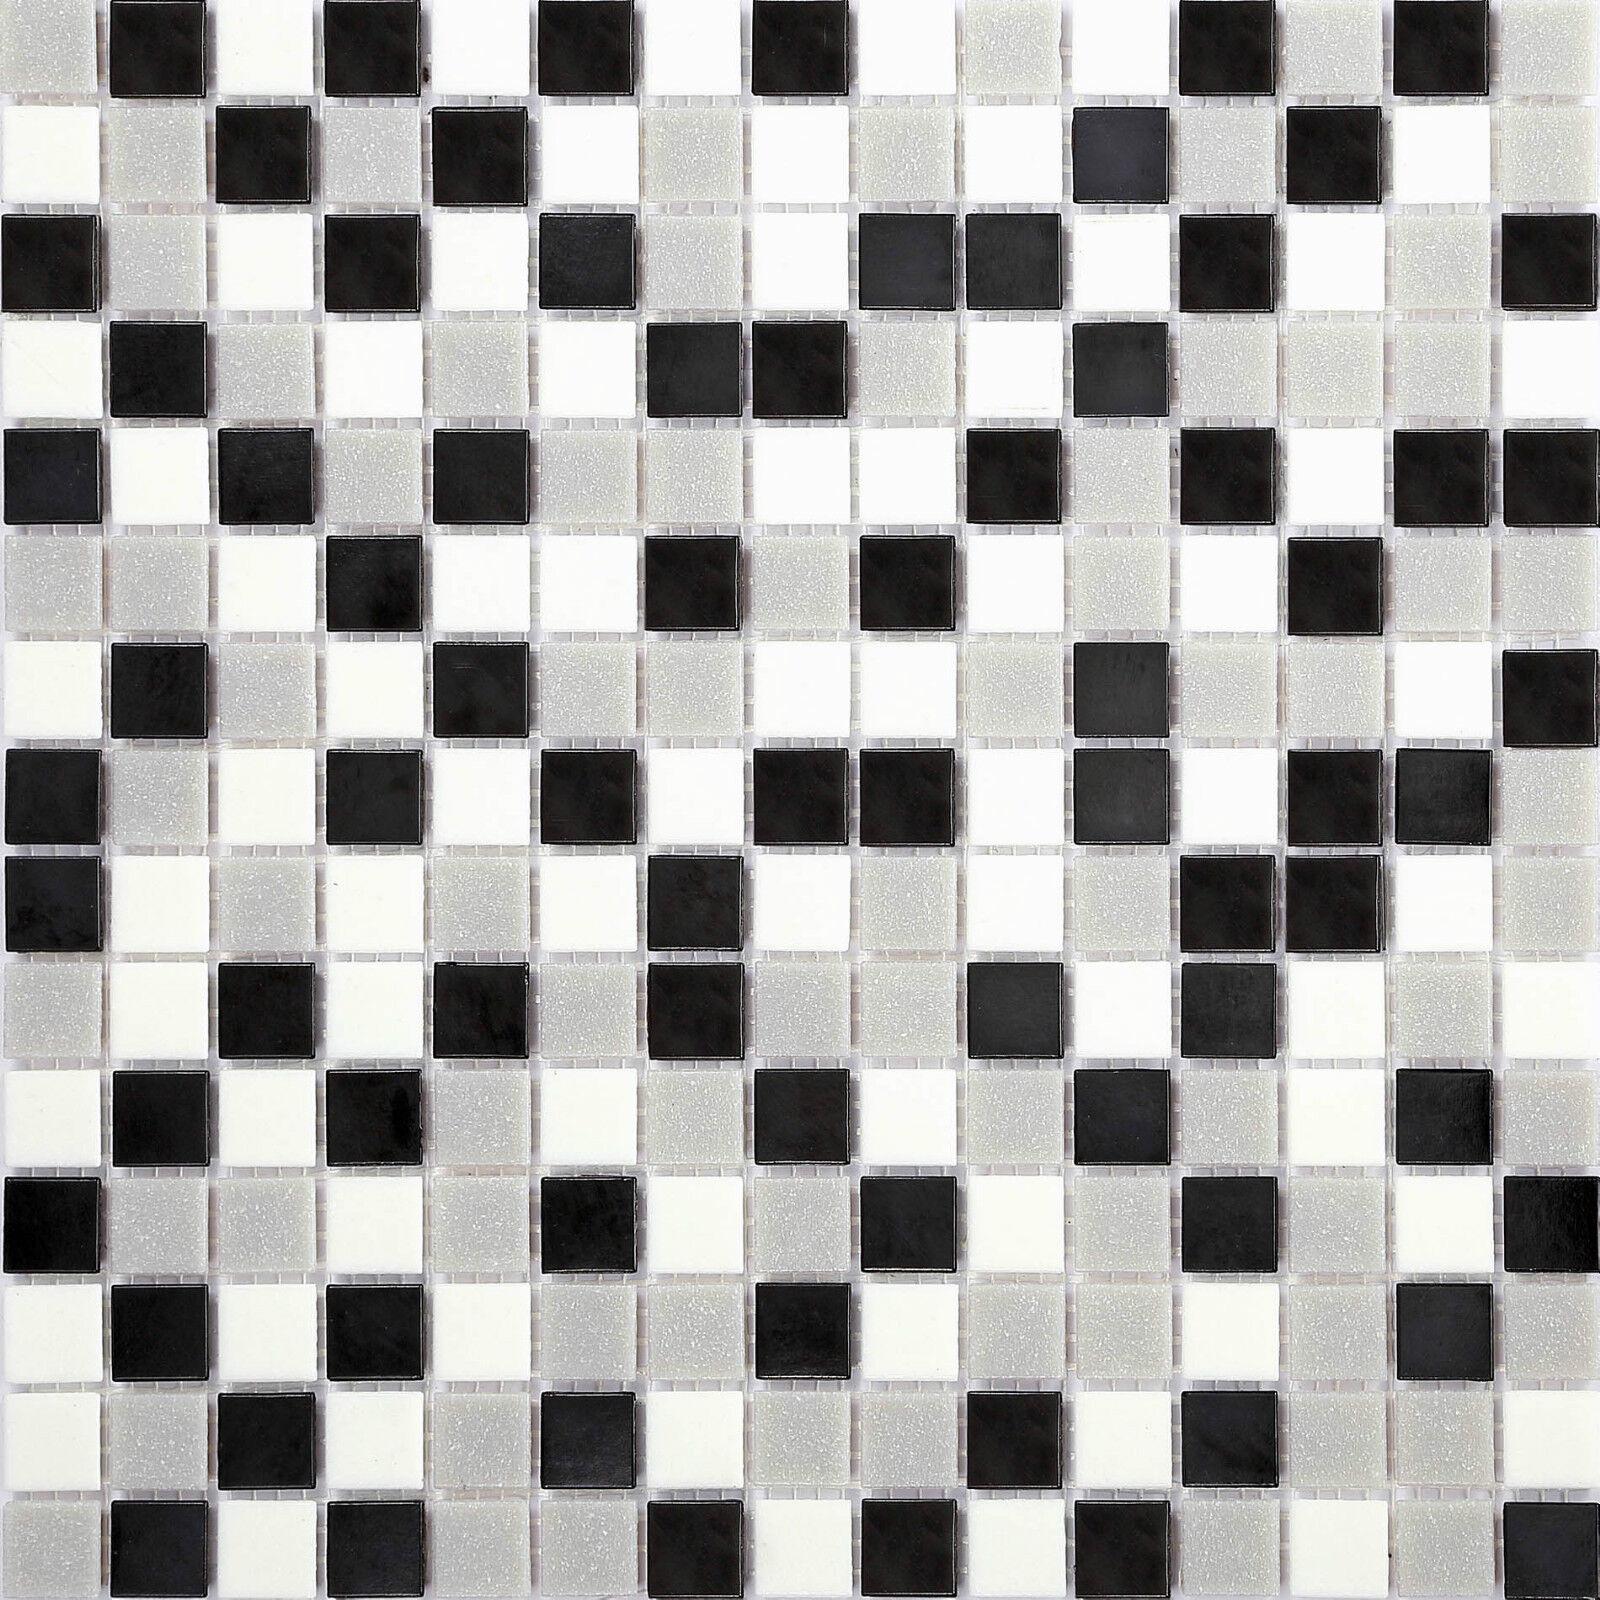 1qm Mosaik Fliesen Matte Glas Schwarz grauen weiße Bad Dusche Schwimmbad MT0107